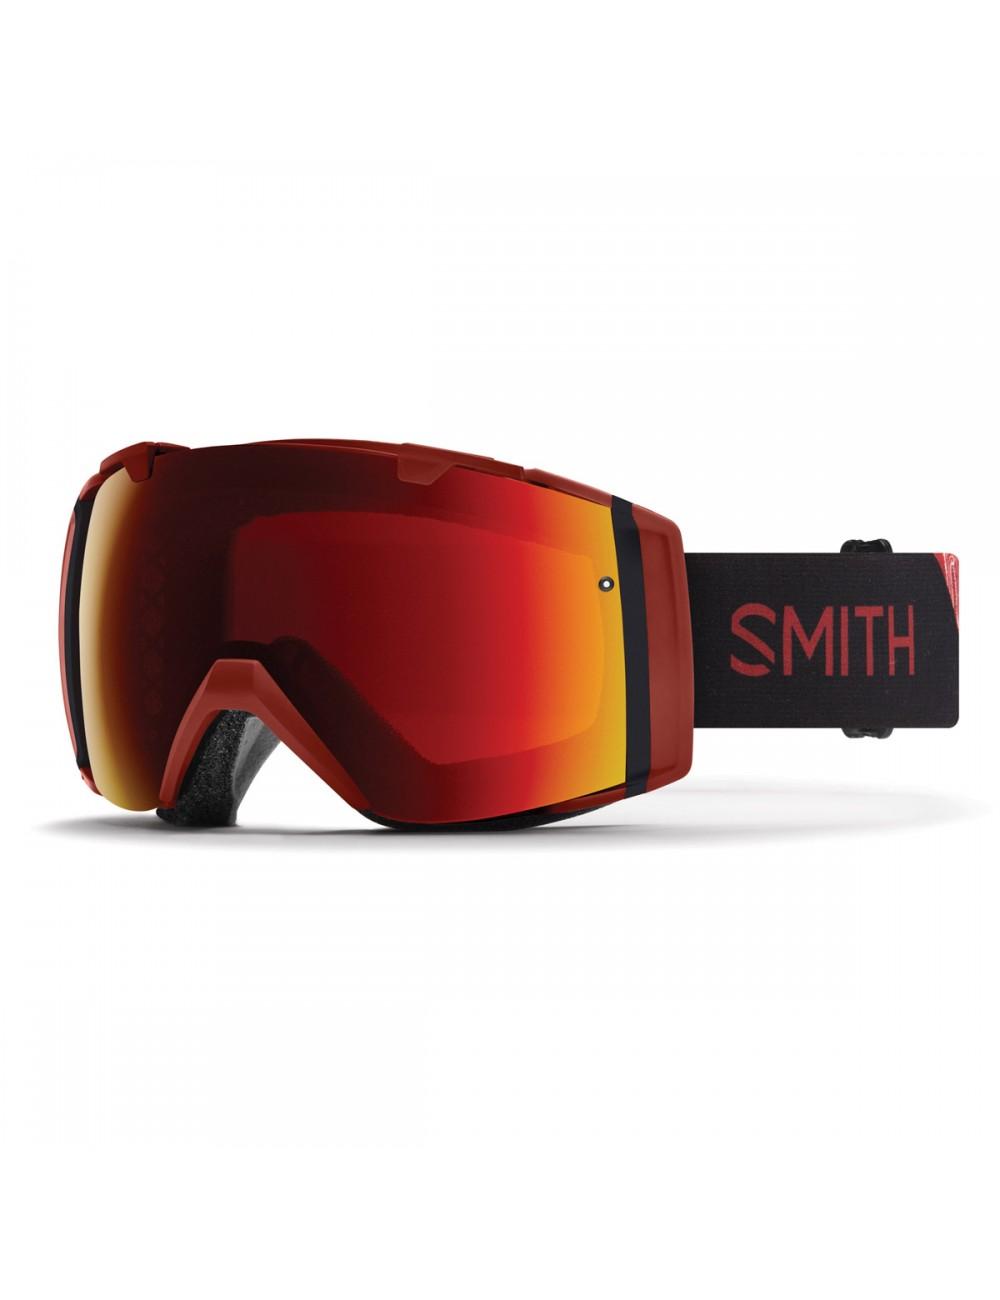 Smith I/O Goggle - Oxide Mojave_1000846